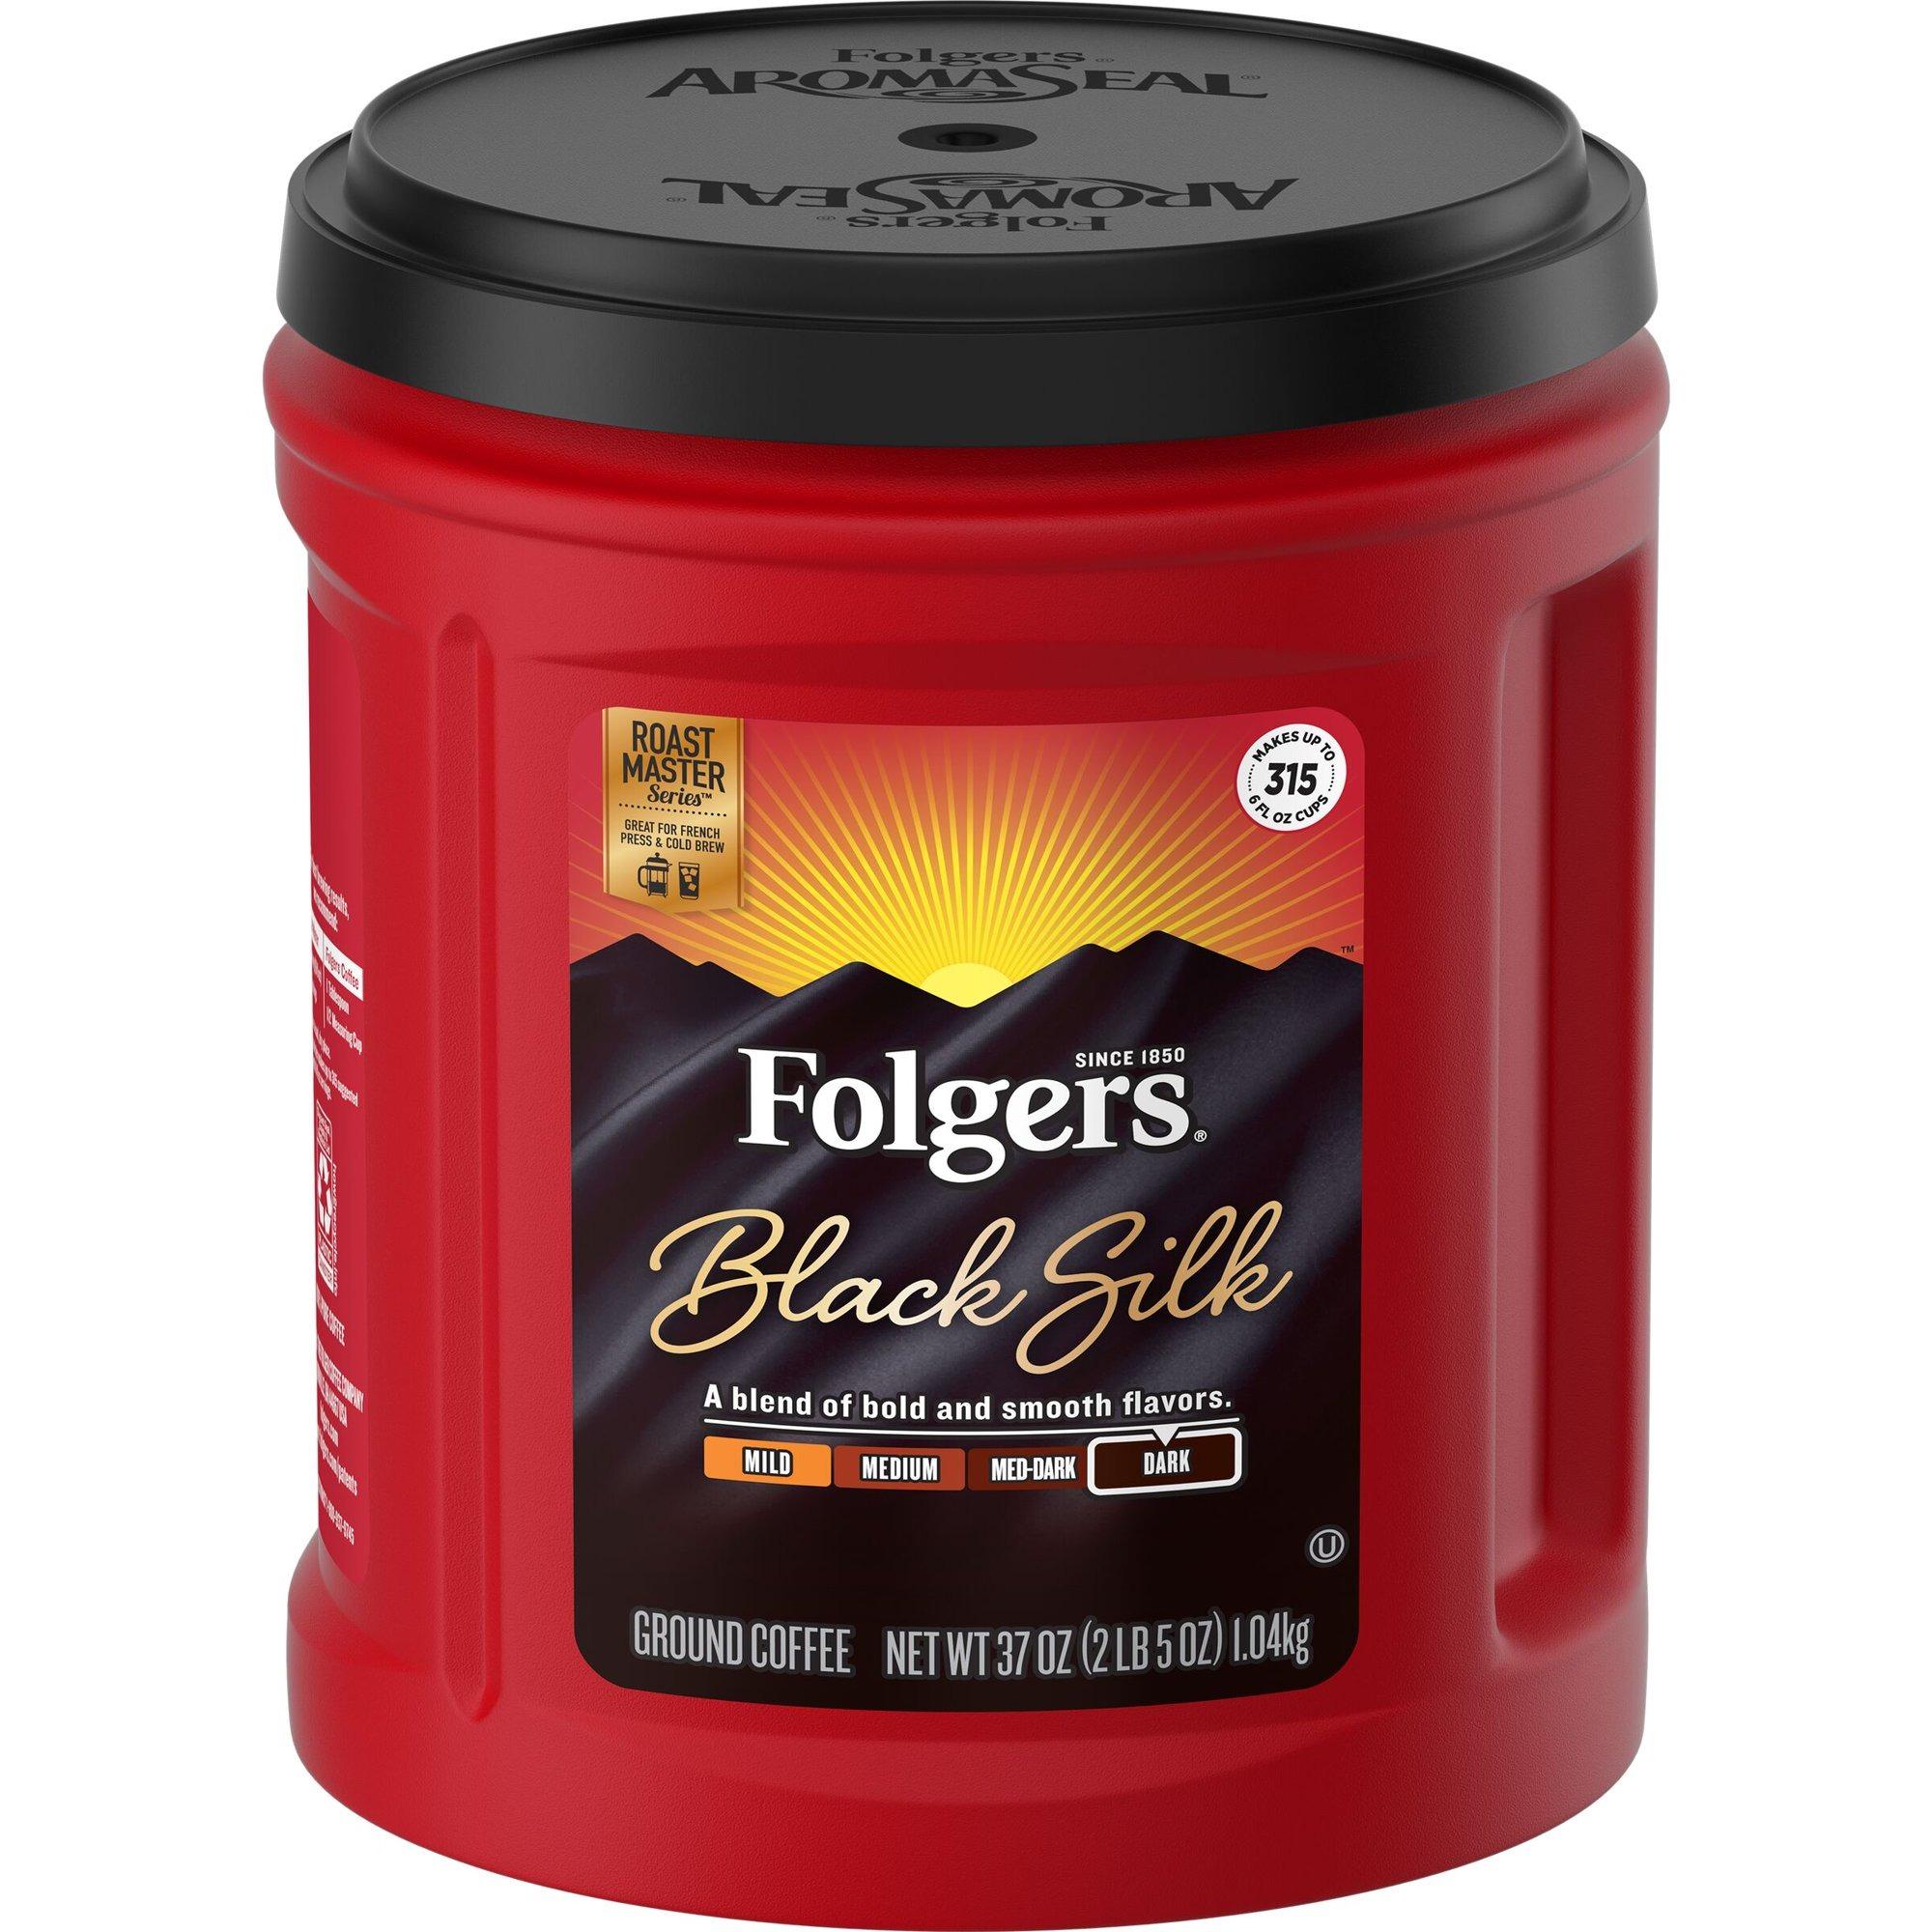 CÀ PHÊ ĐEN XAY, RANG ĐẬM FOLGERS BLACK SILK GROUND COFFEE 1.04KG